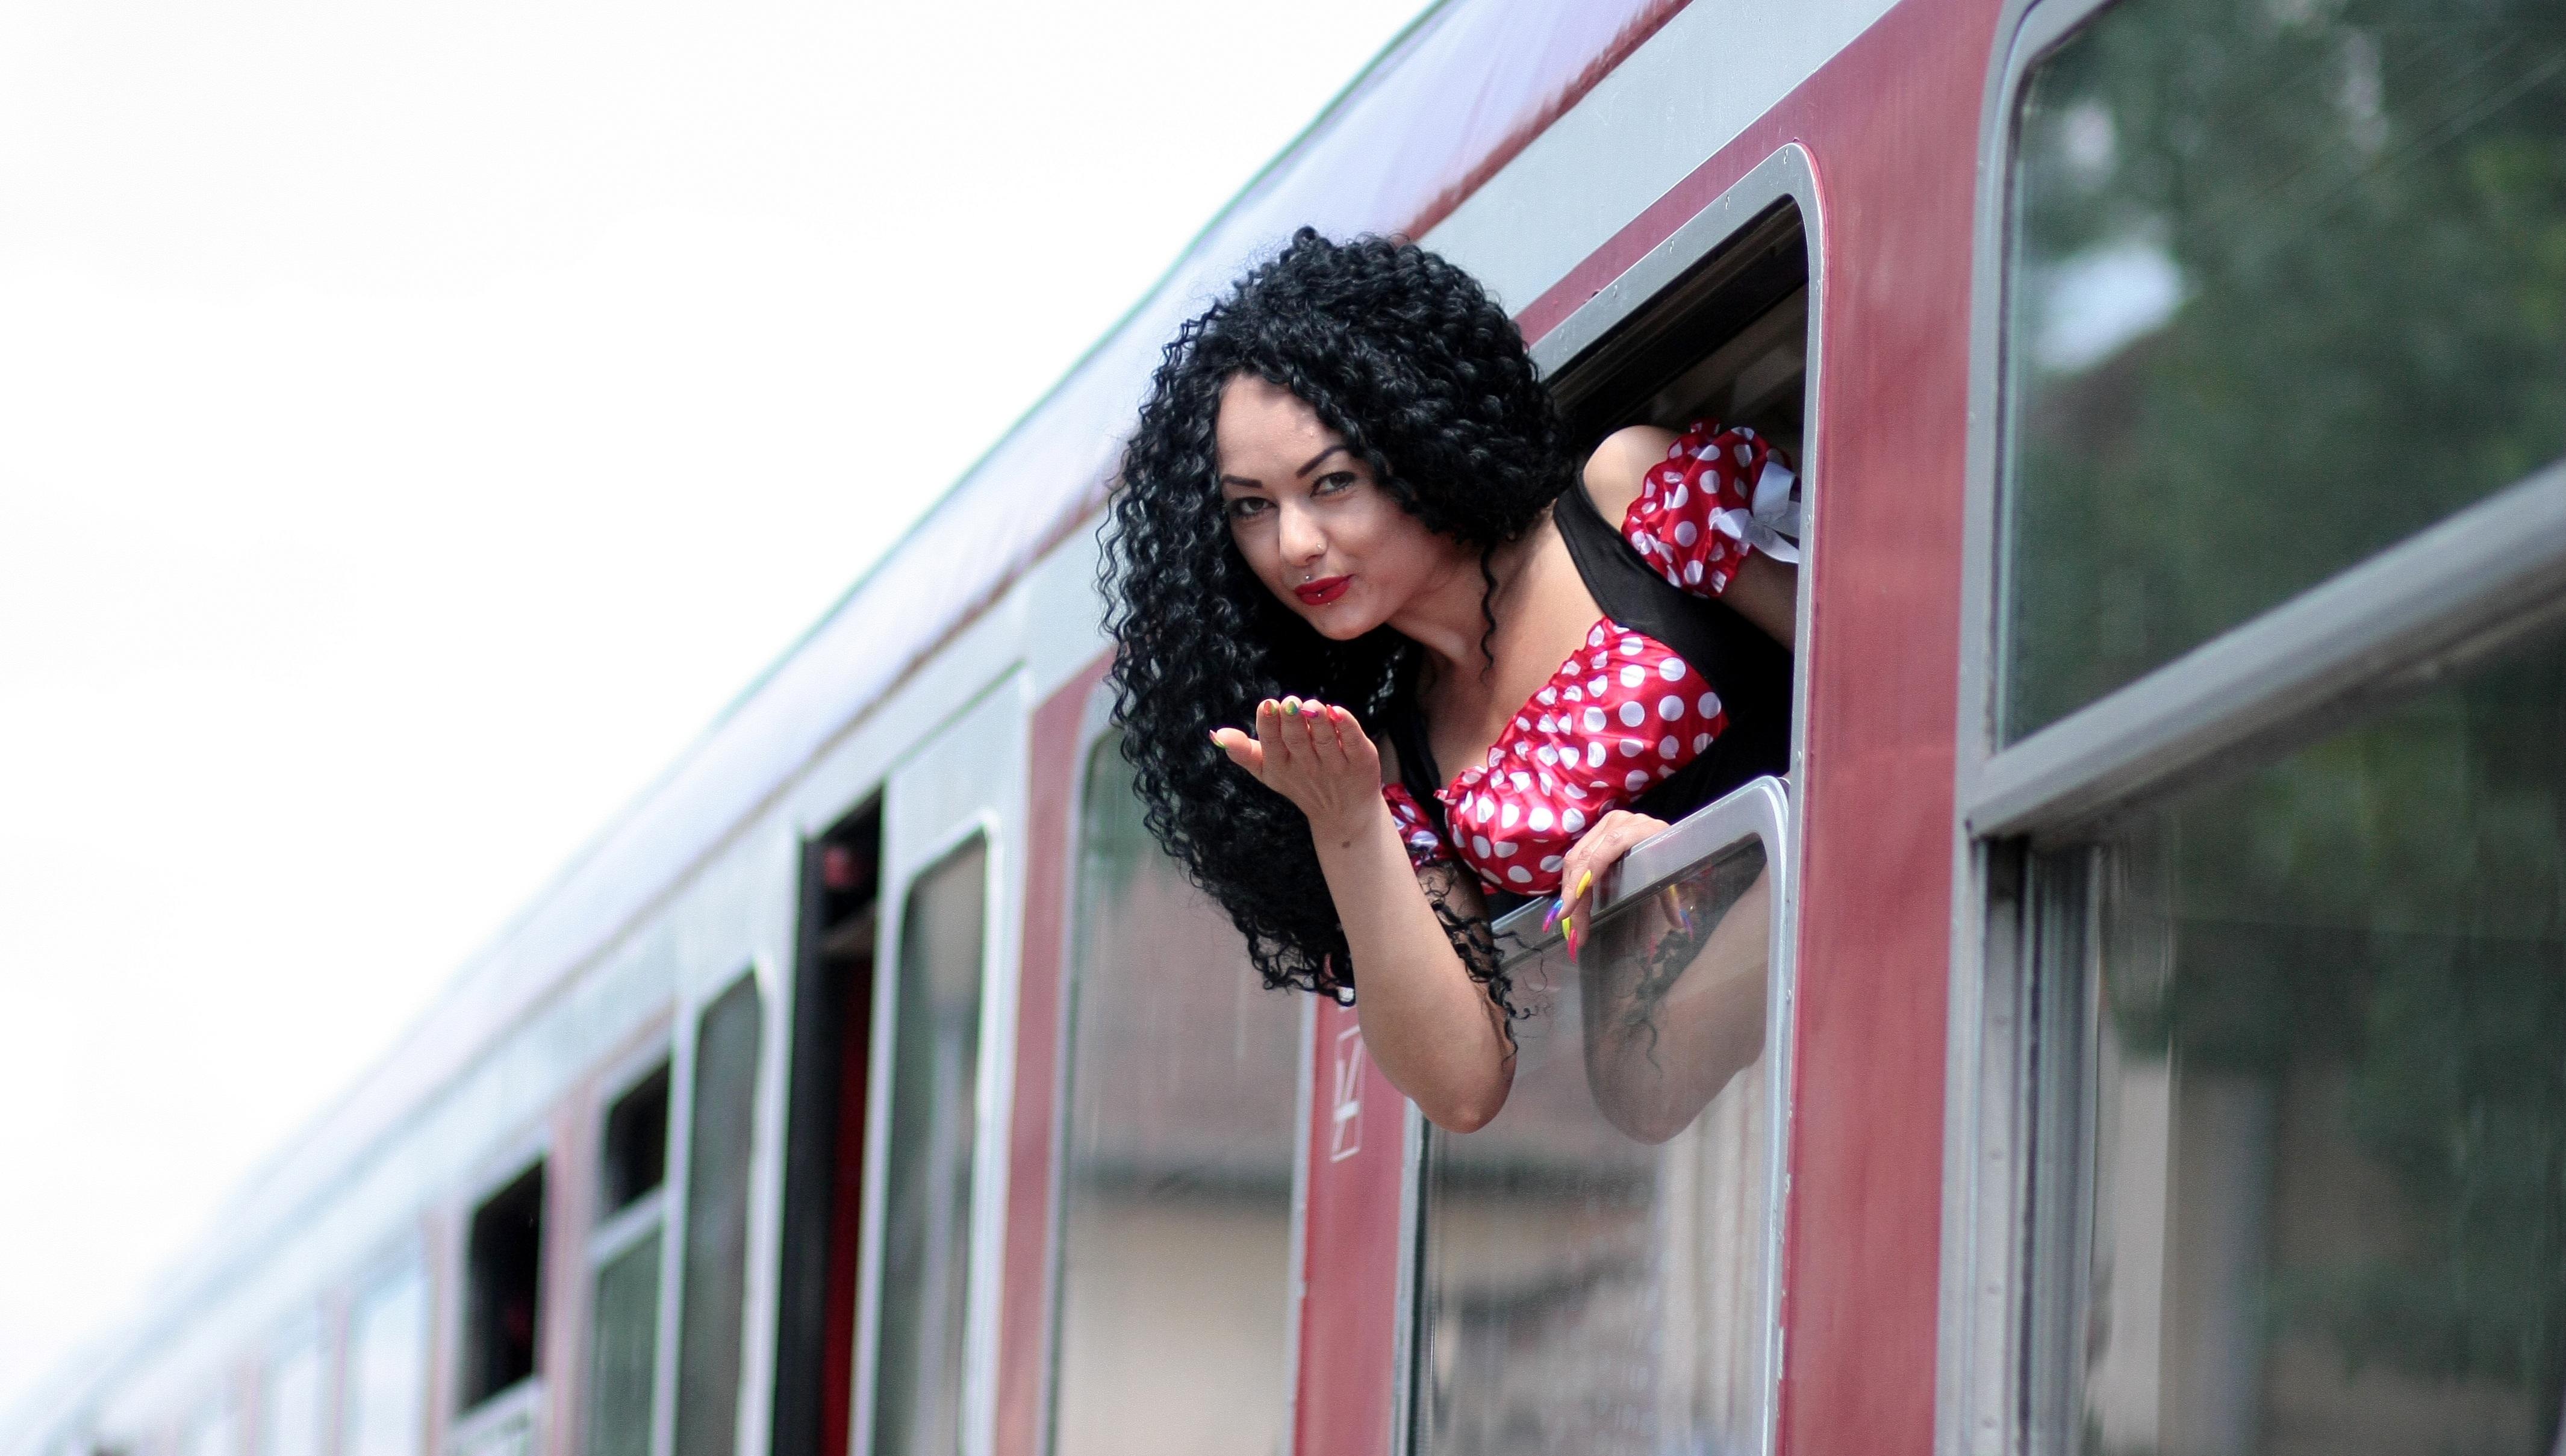 фото красивых девушек в поезде